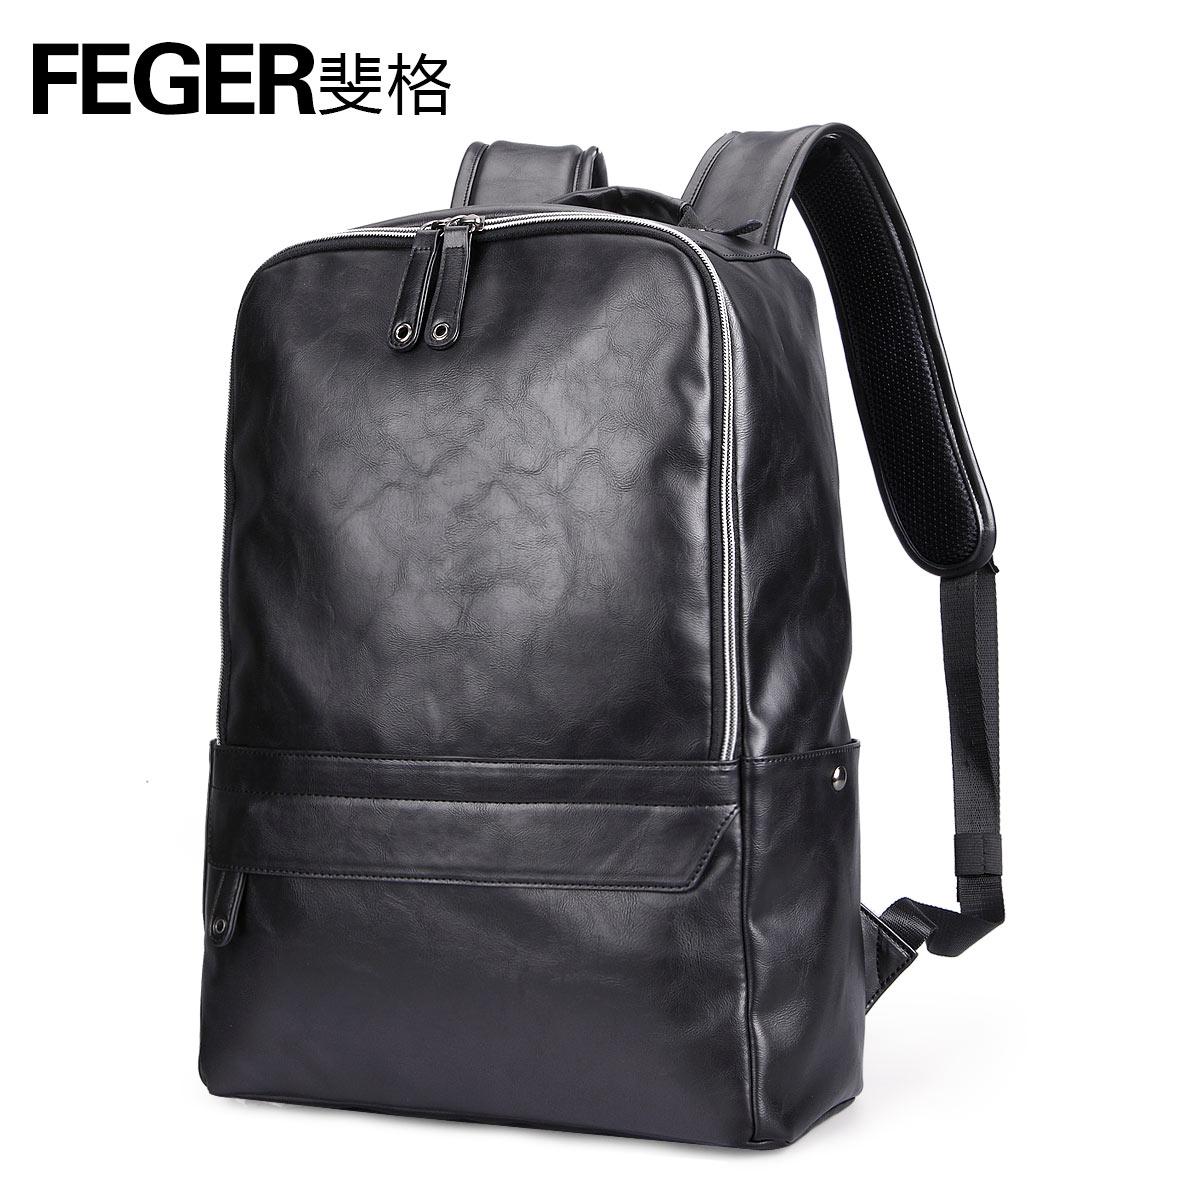 皮包男双肩包时尚潮流大容量学生书包休闲男士背包电脑包旅行男包